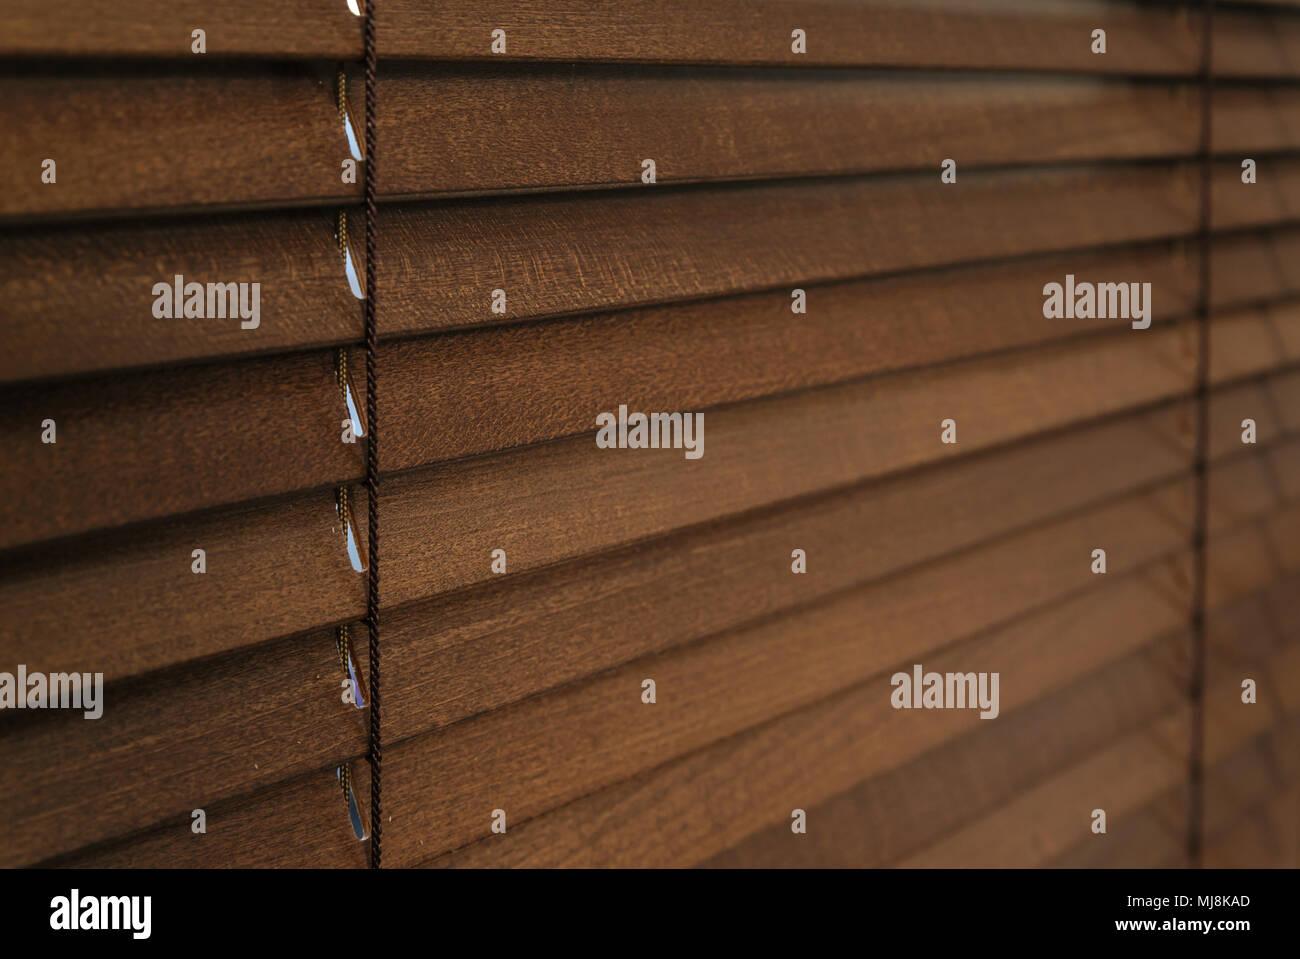 Wohnzimmer Fensterlaeden Konzept : Nett wohnzimmer fensterlaeden ideen die schlafzimmerideen